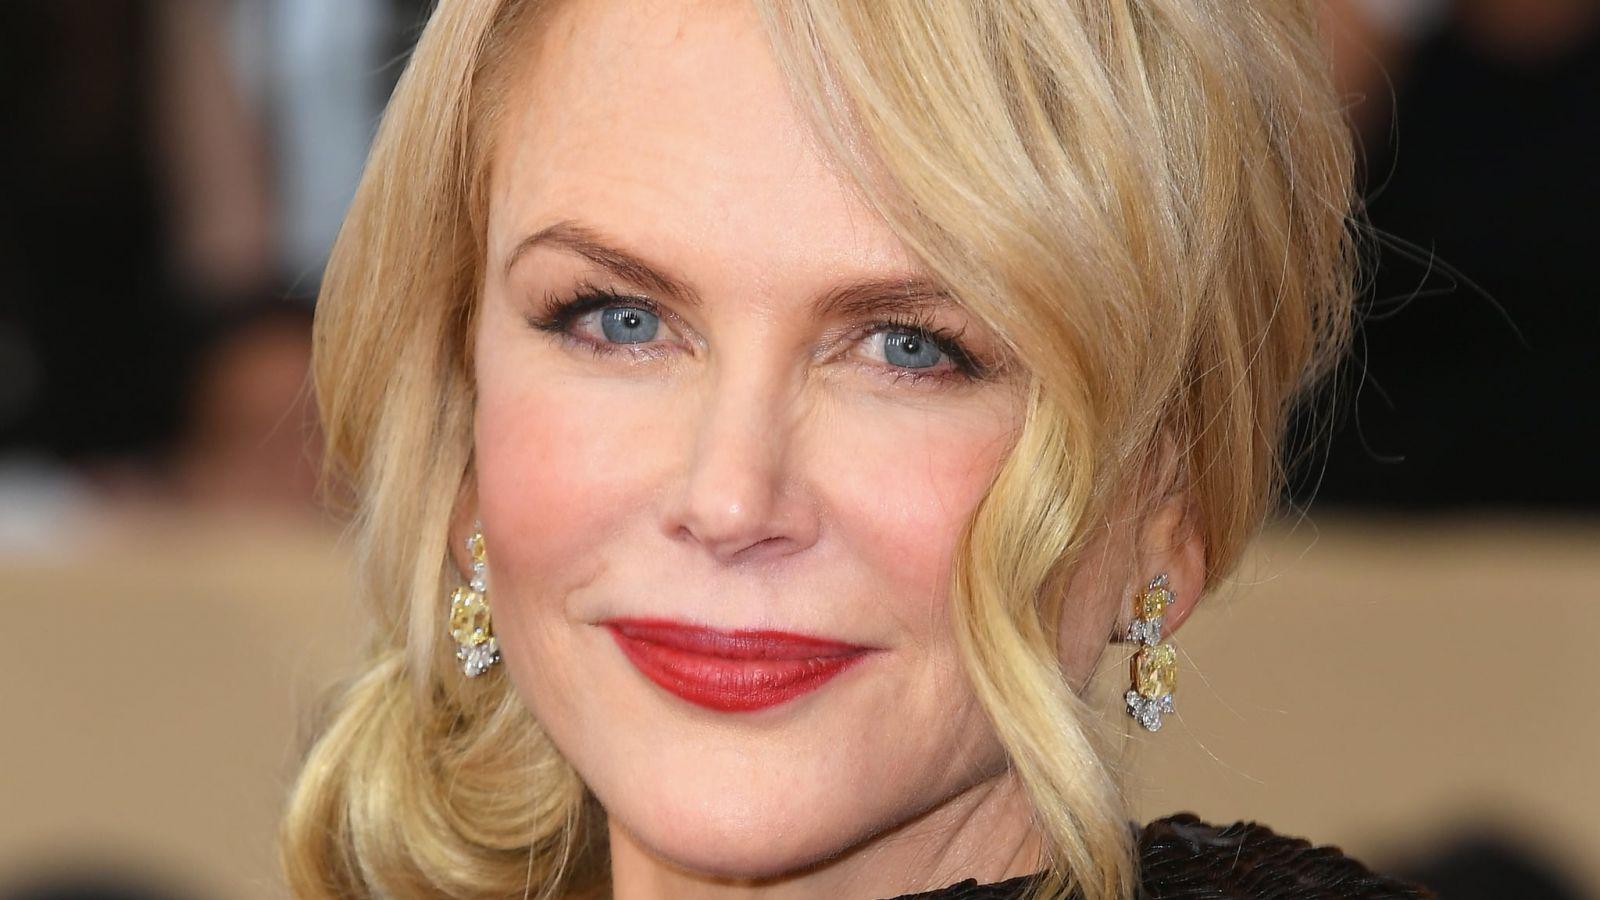 H Nicole Kidman μοιράστηκε μαζί μας το πιο συγκινητικό throwback βίντεο με τις κόρες της [vid]